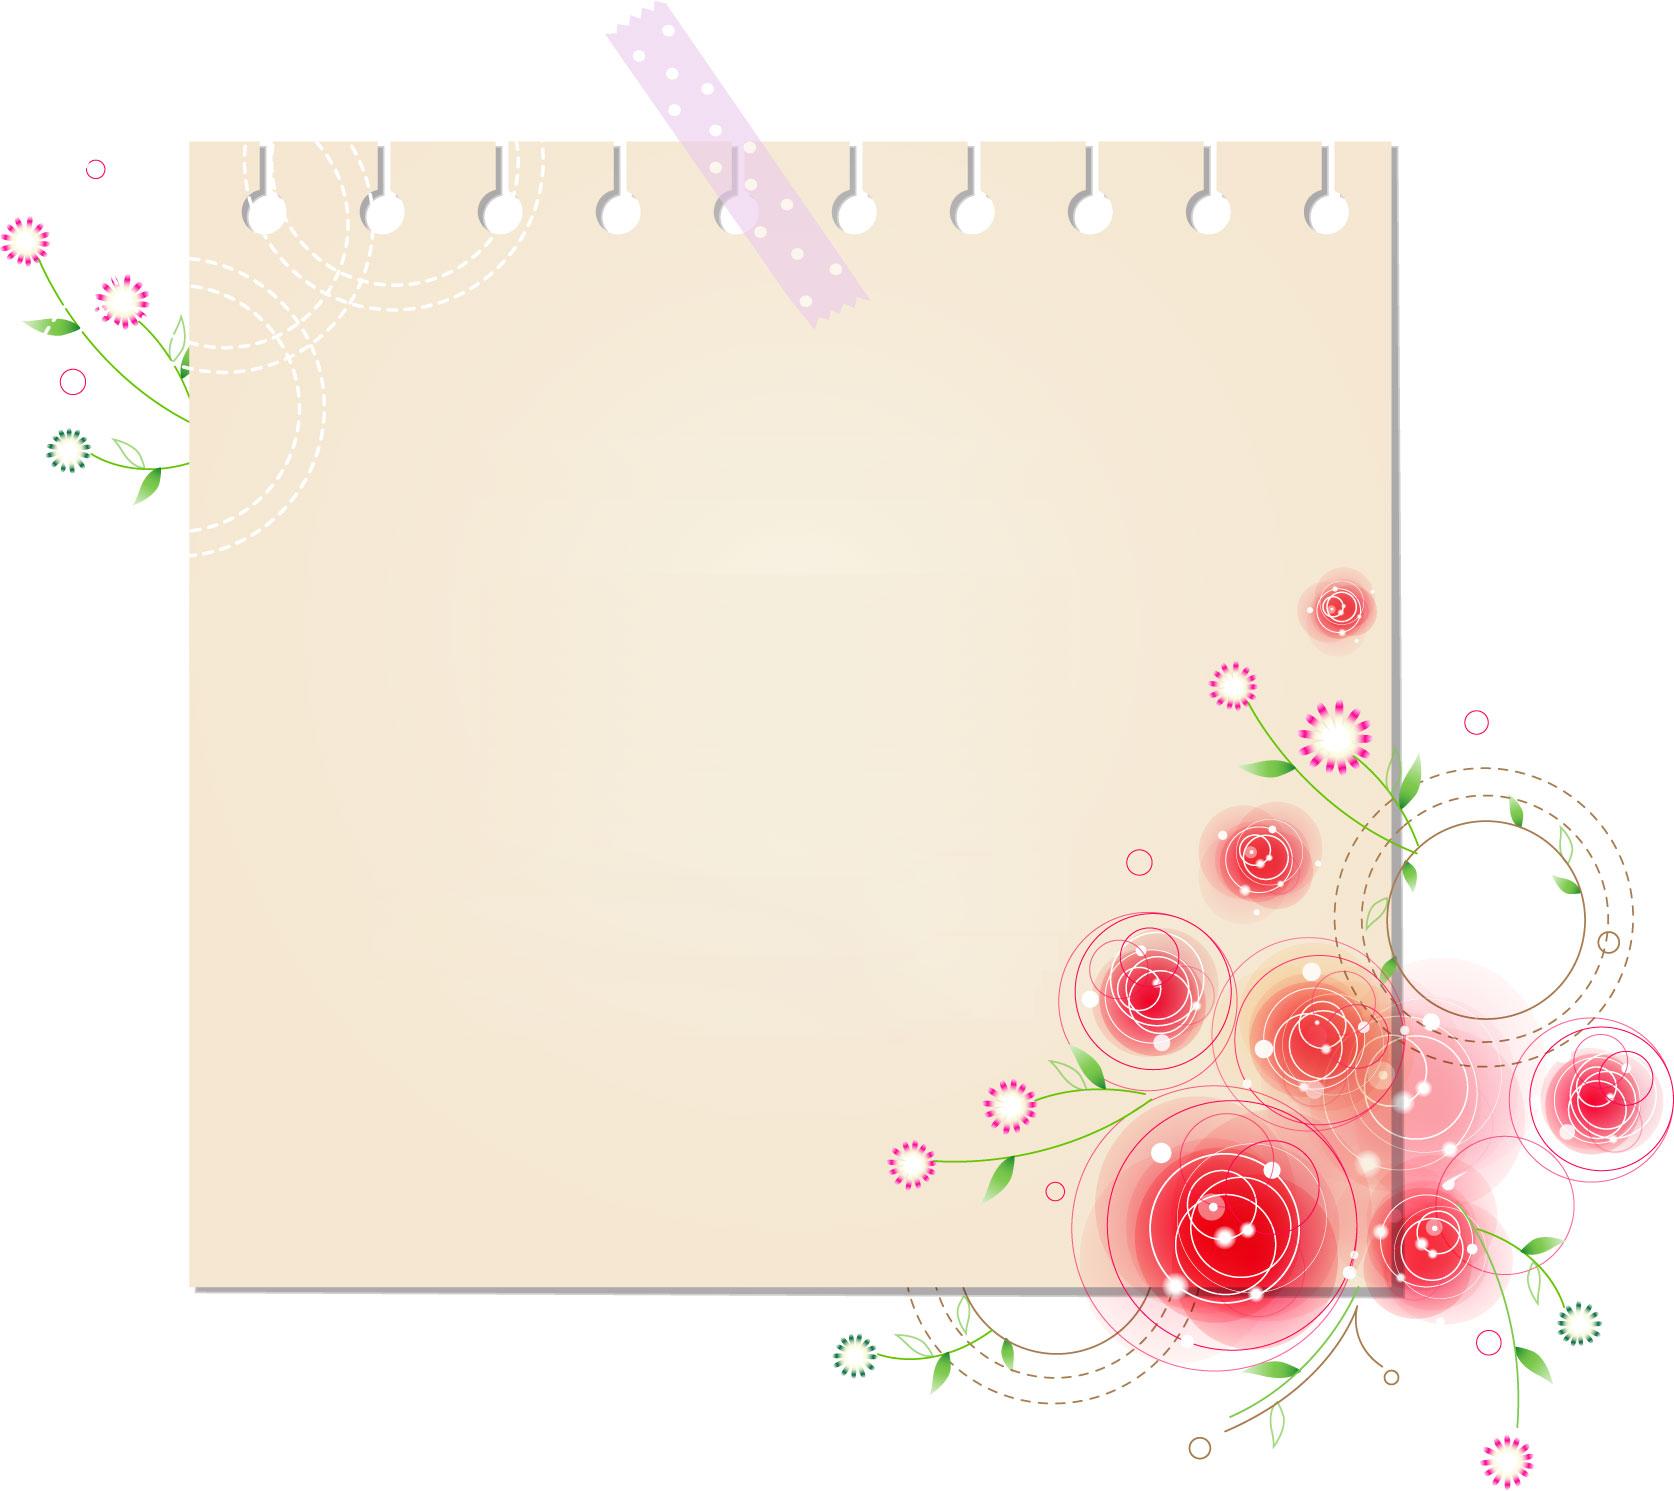 花のイラスト・フリー素材/フレーム枠no.384『ルーズリーフ・かわいい花』